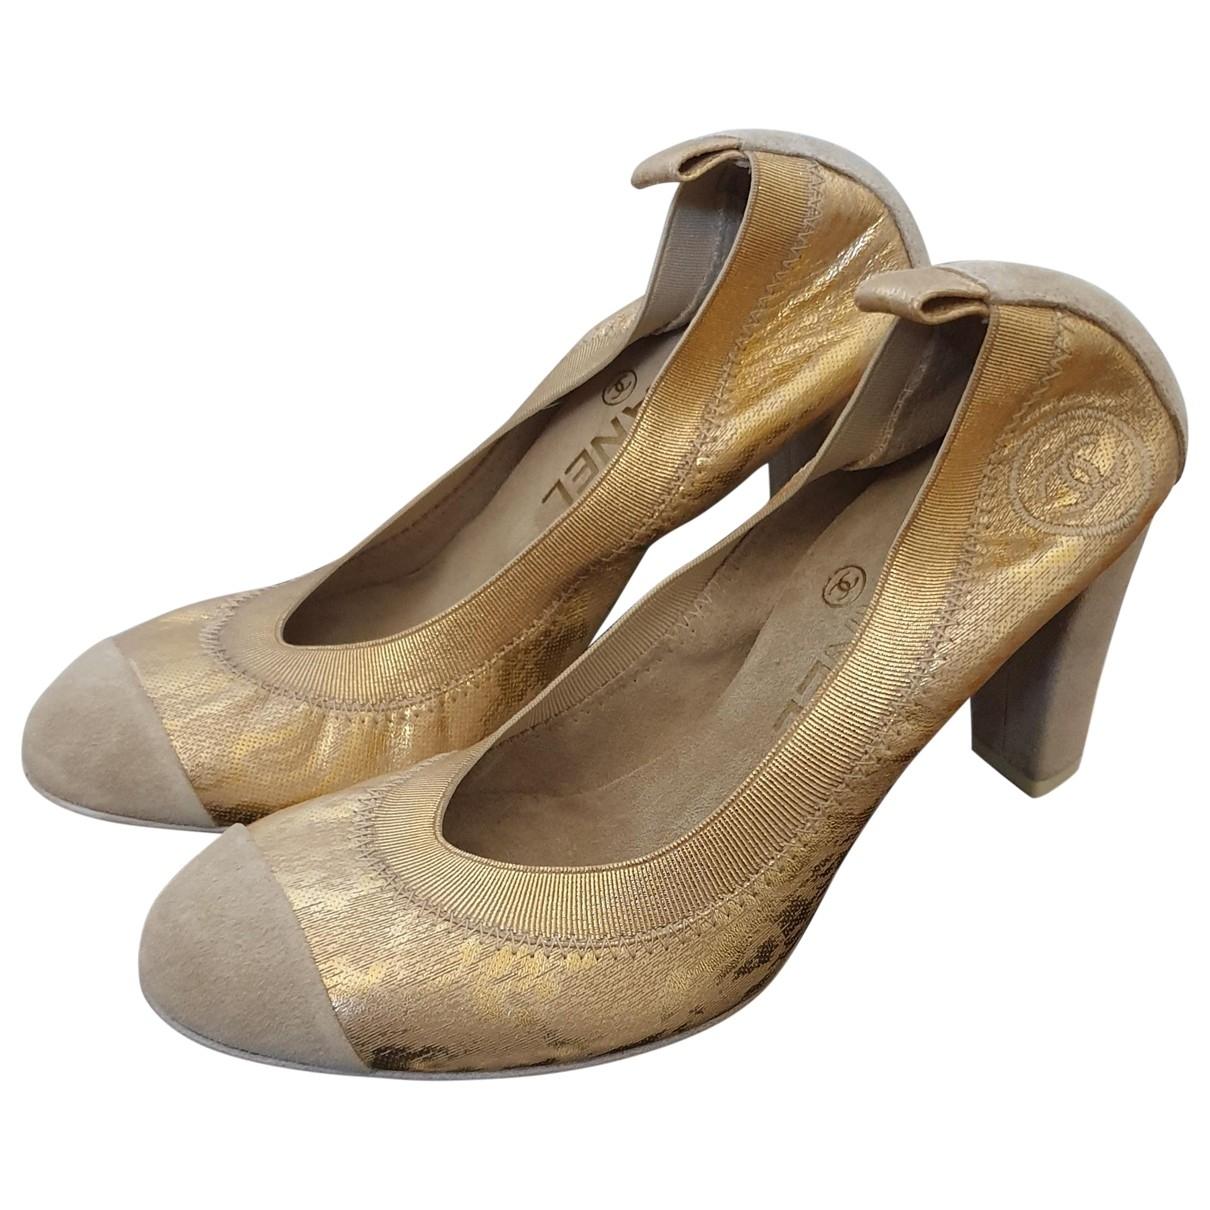 Bailarinas de Lona Chanel